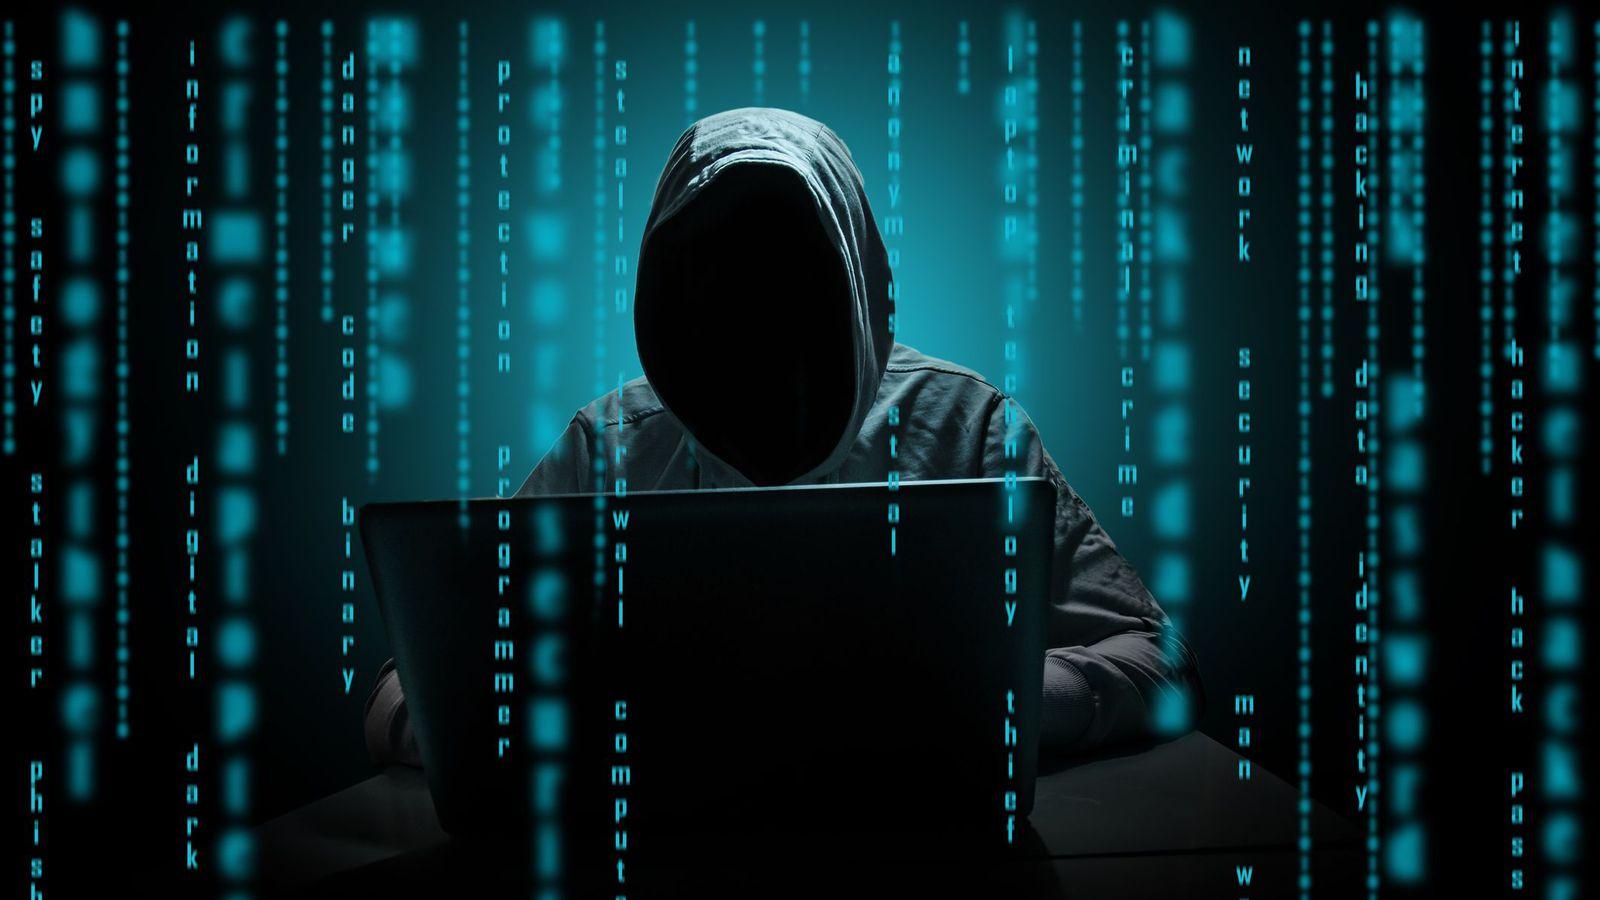 Уровень киберпреступности в России резко вырос за последние 5 лет